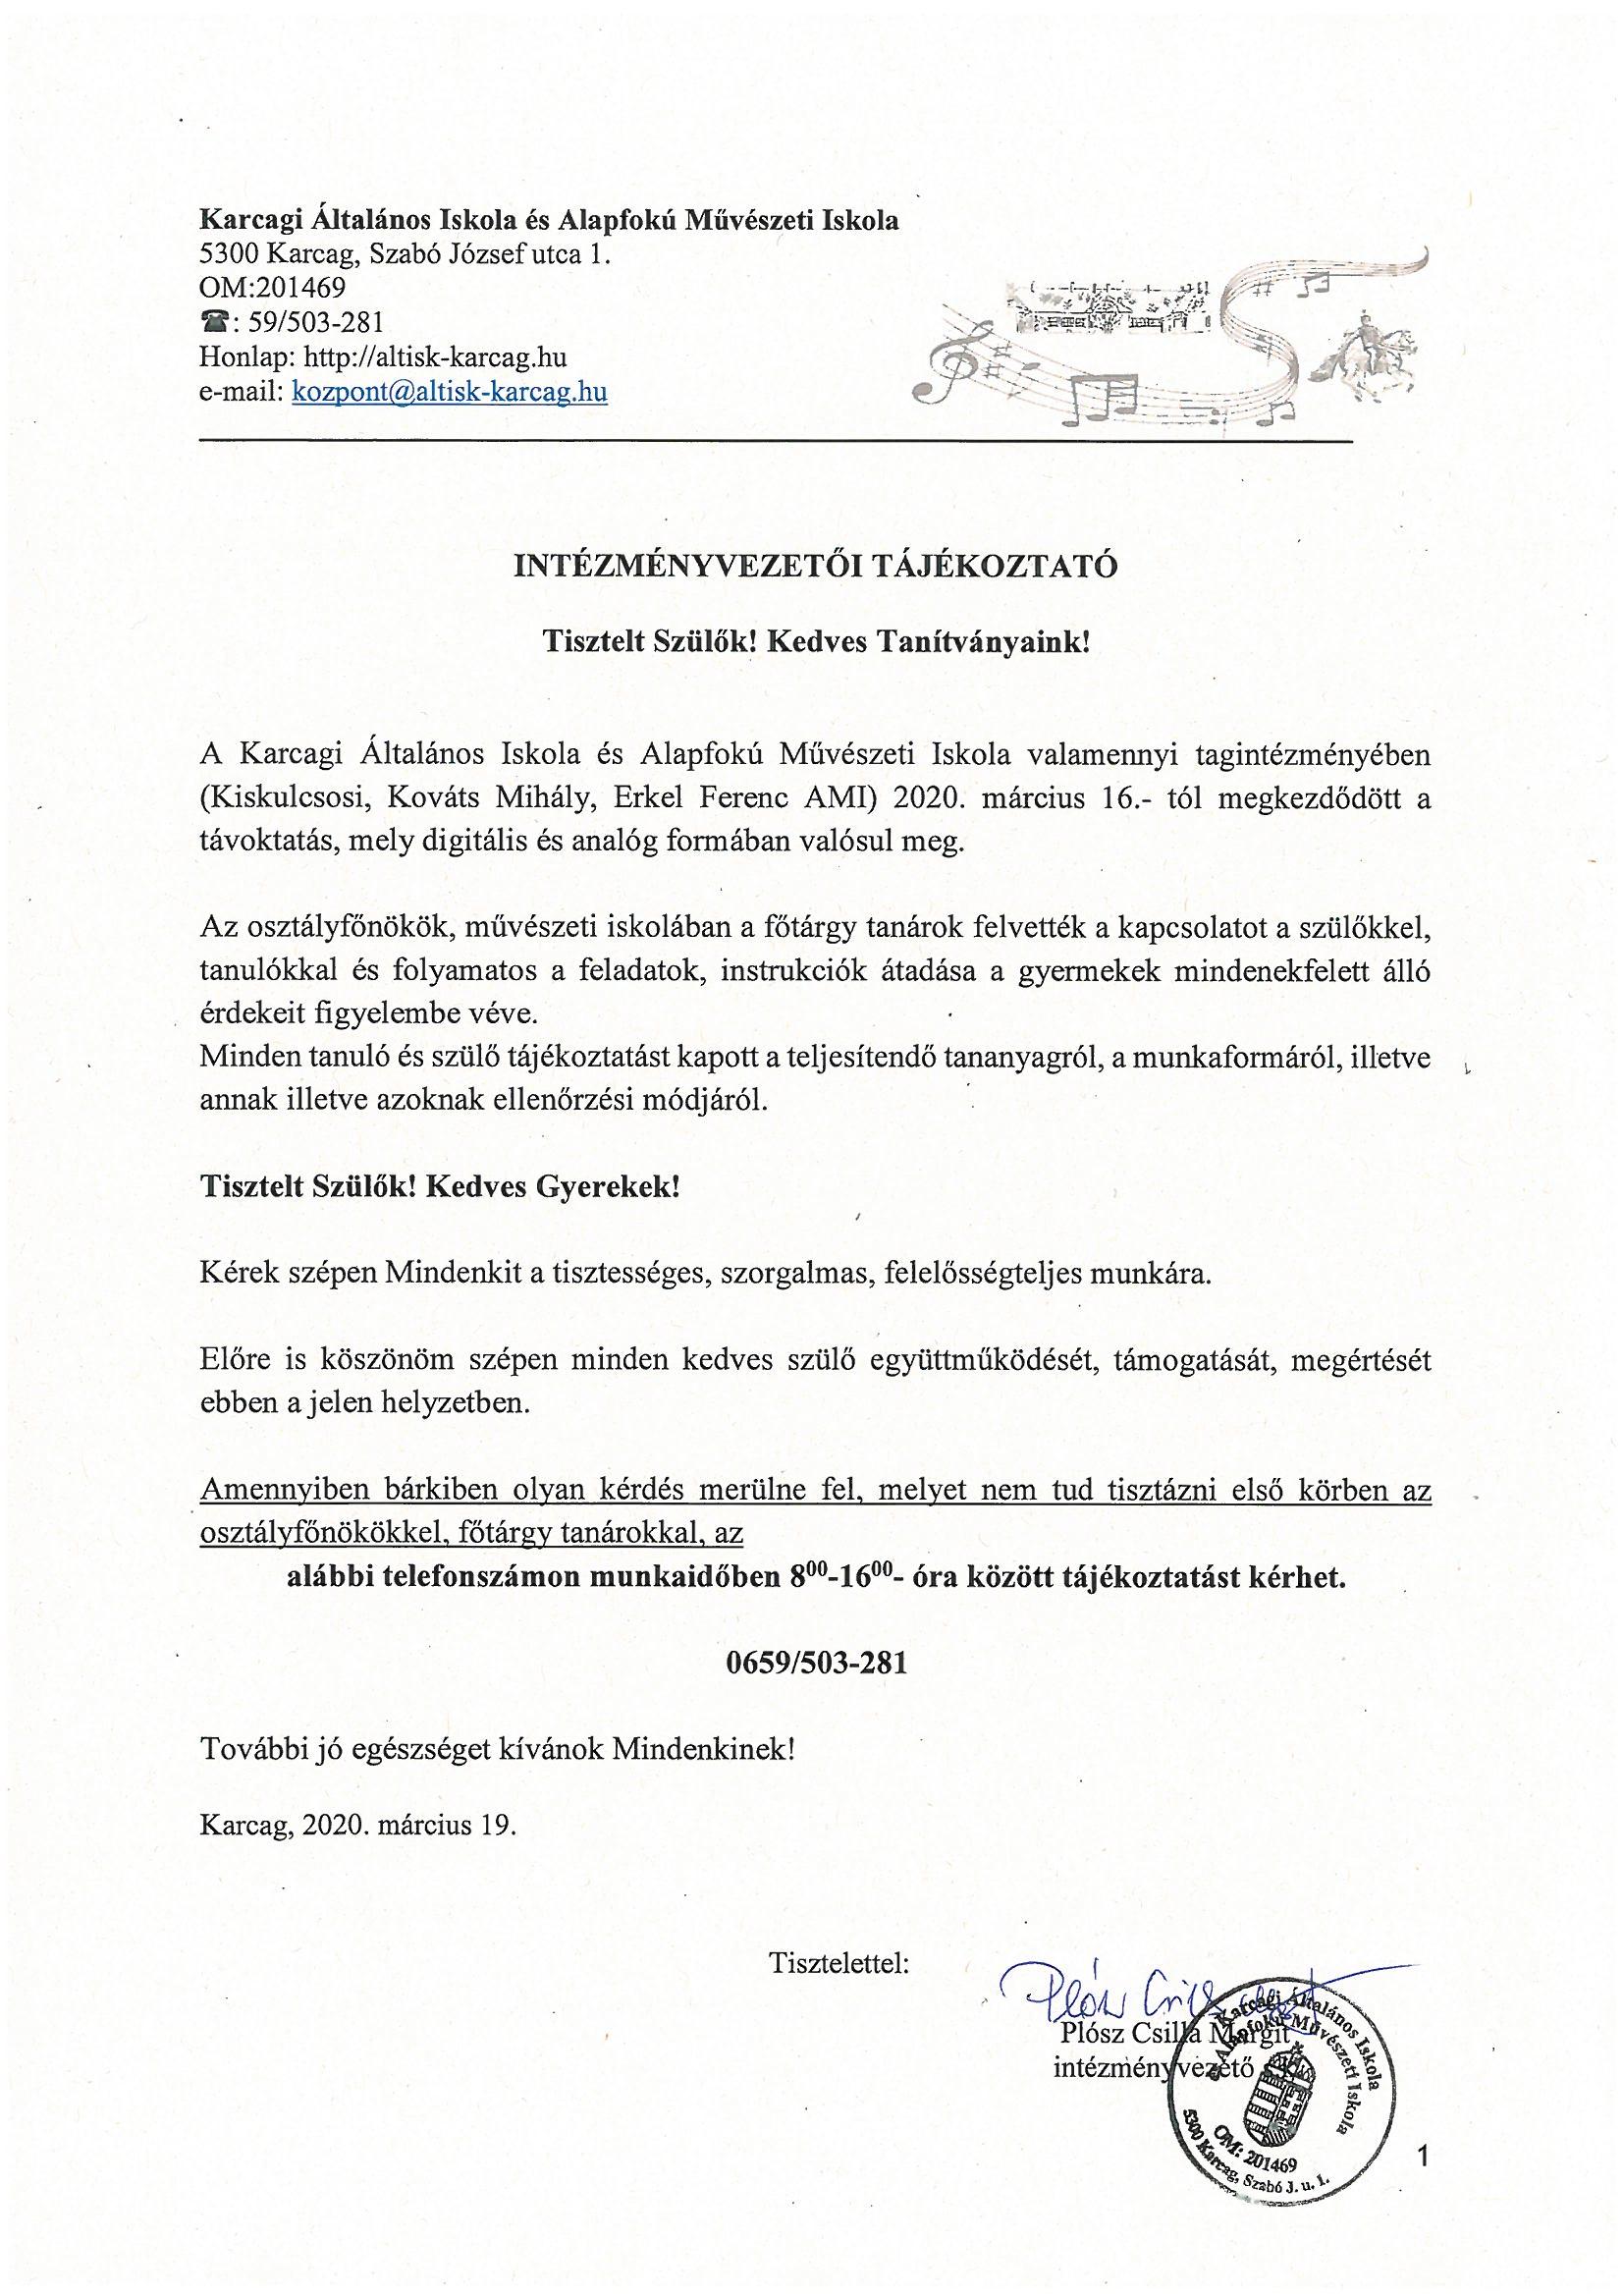 Karcagi Általános Iskola és Alapfokú Művészeti Iskola